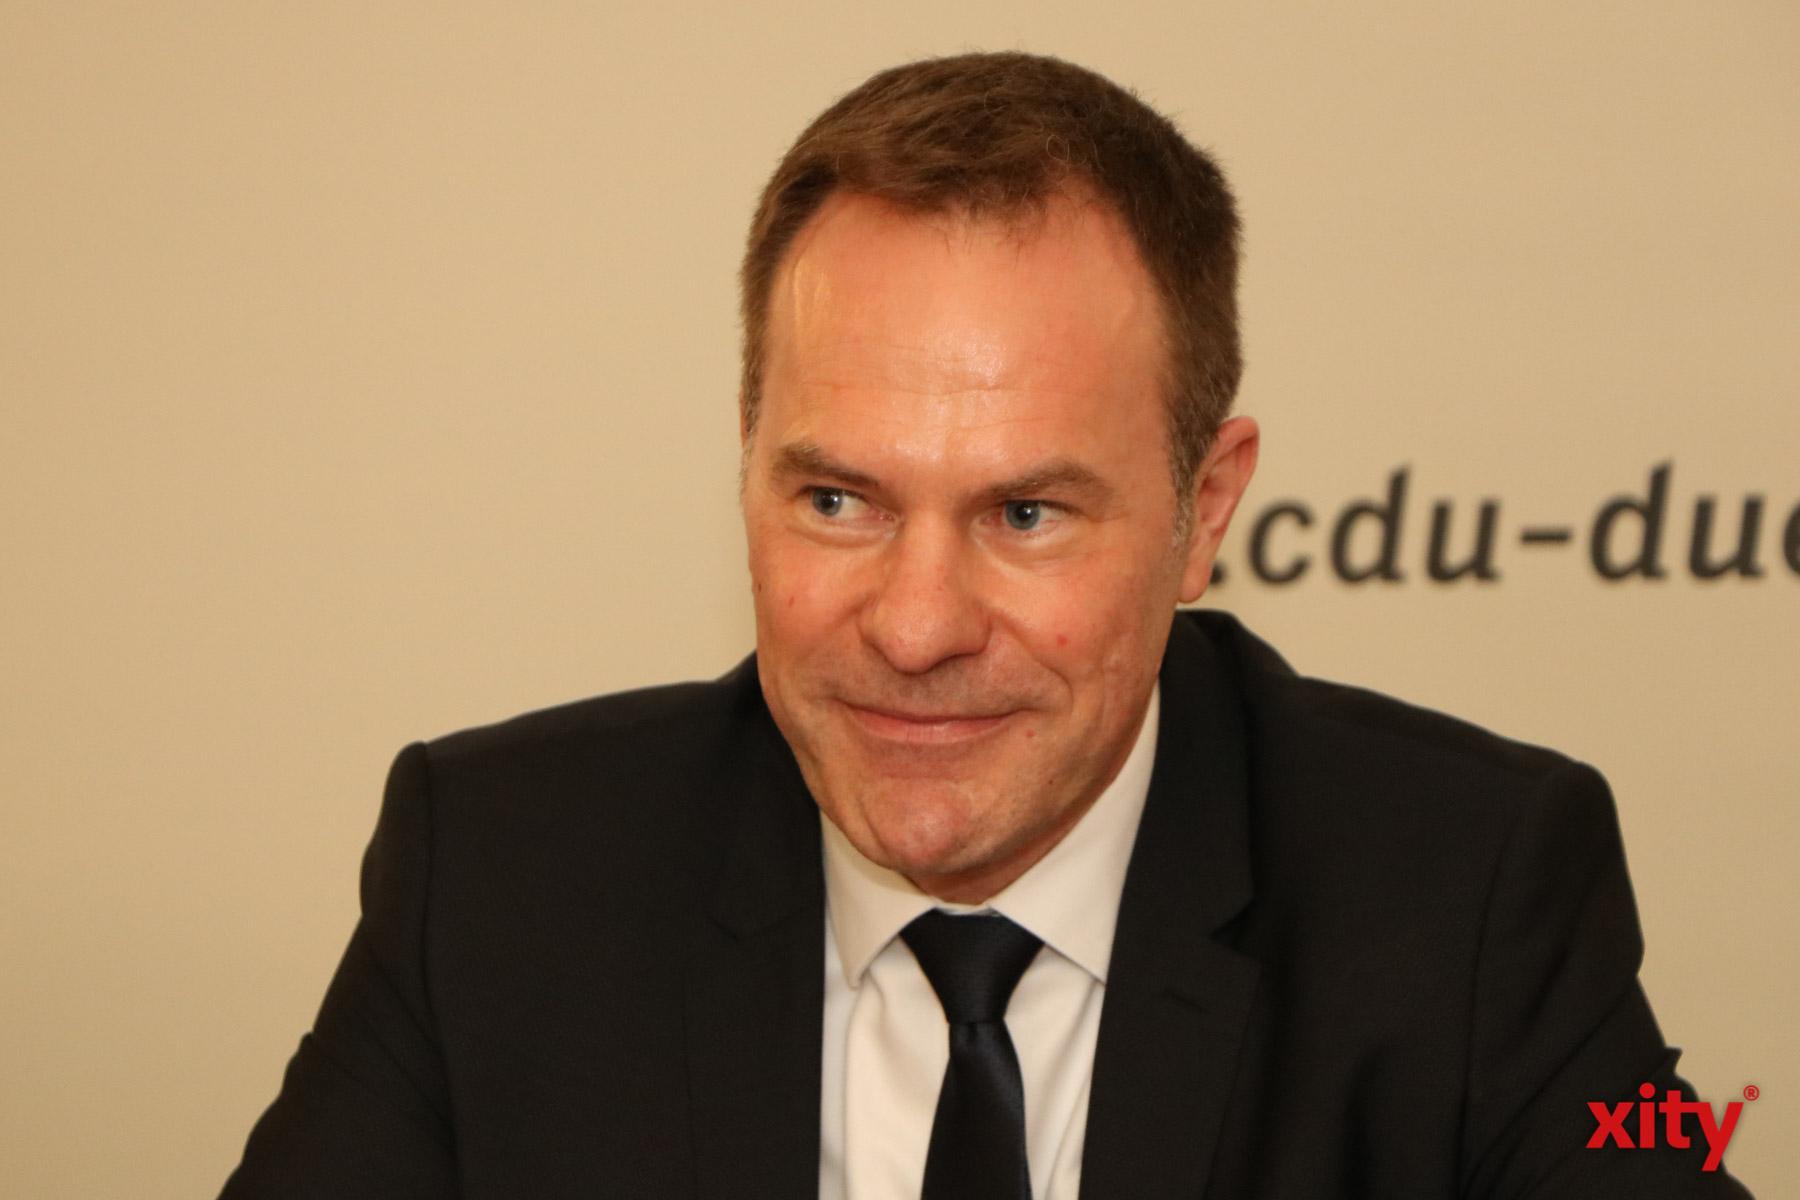 Dr. Stephan Keller arbeitete seit 2016 als Stadtdirektor in Köln (Foto: xity)